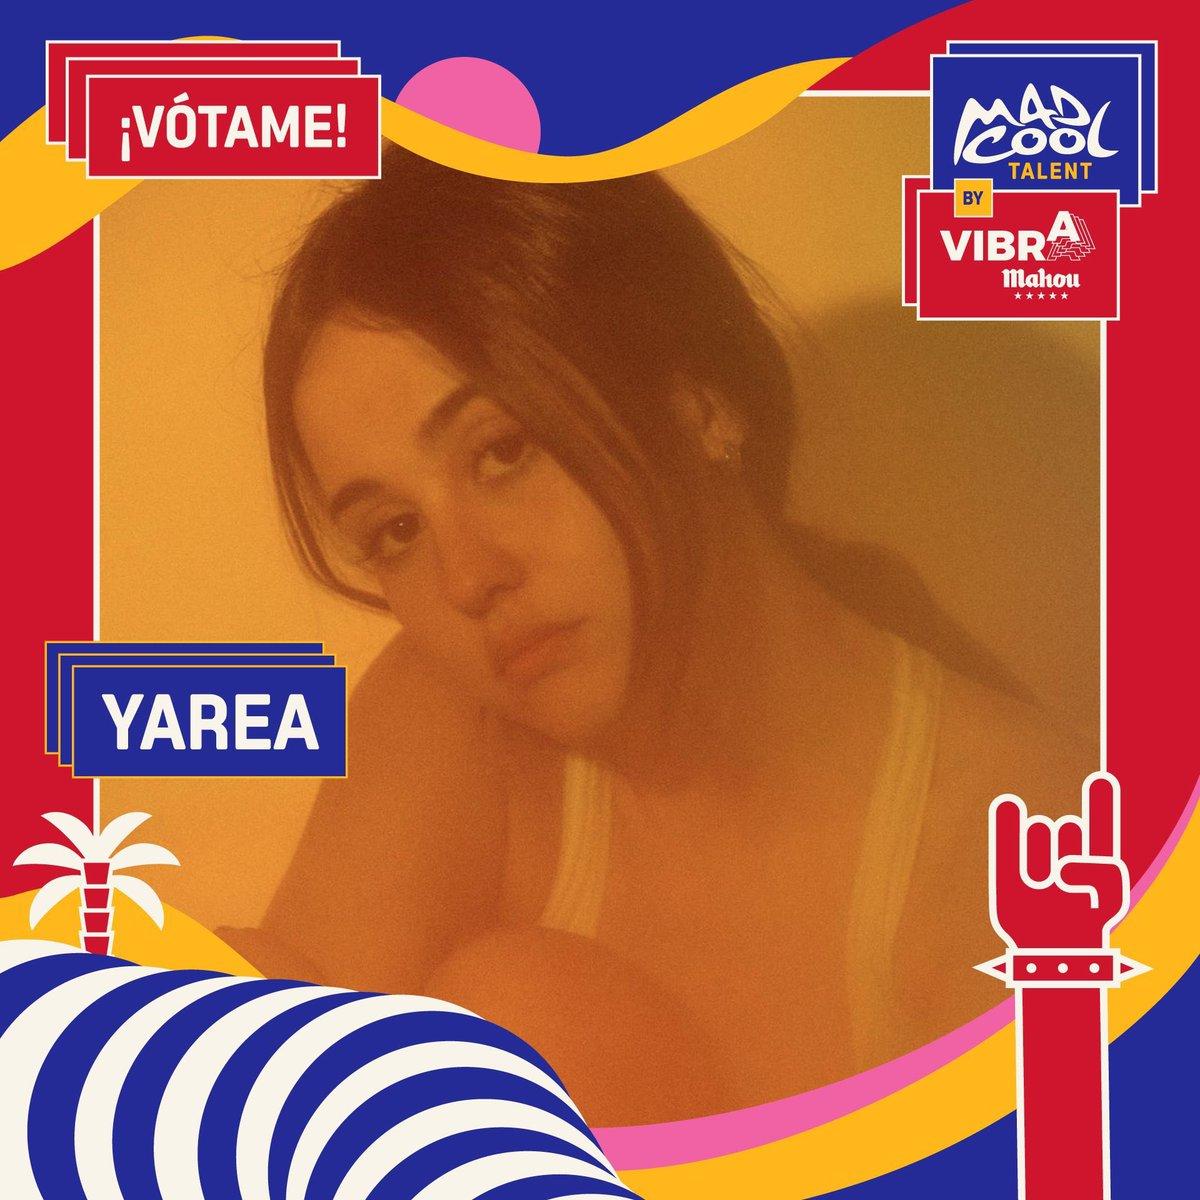 Replying to @yareaguillen: He pasado de fase y es gracias a vuestro apoyo!!! 💥🖤 GRACIAS  #MadCoolTalent @VibraMahou